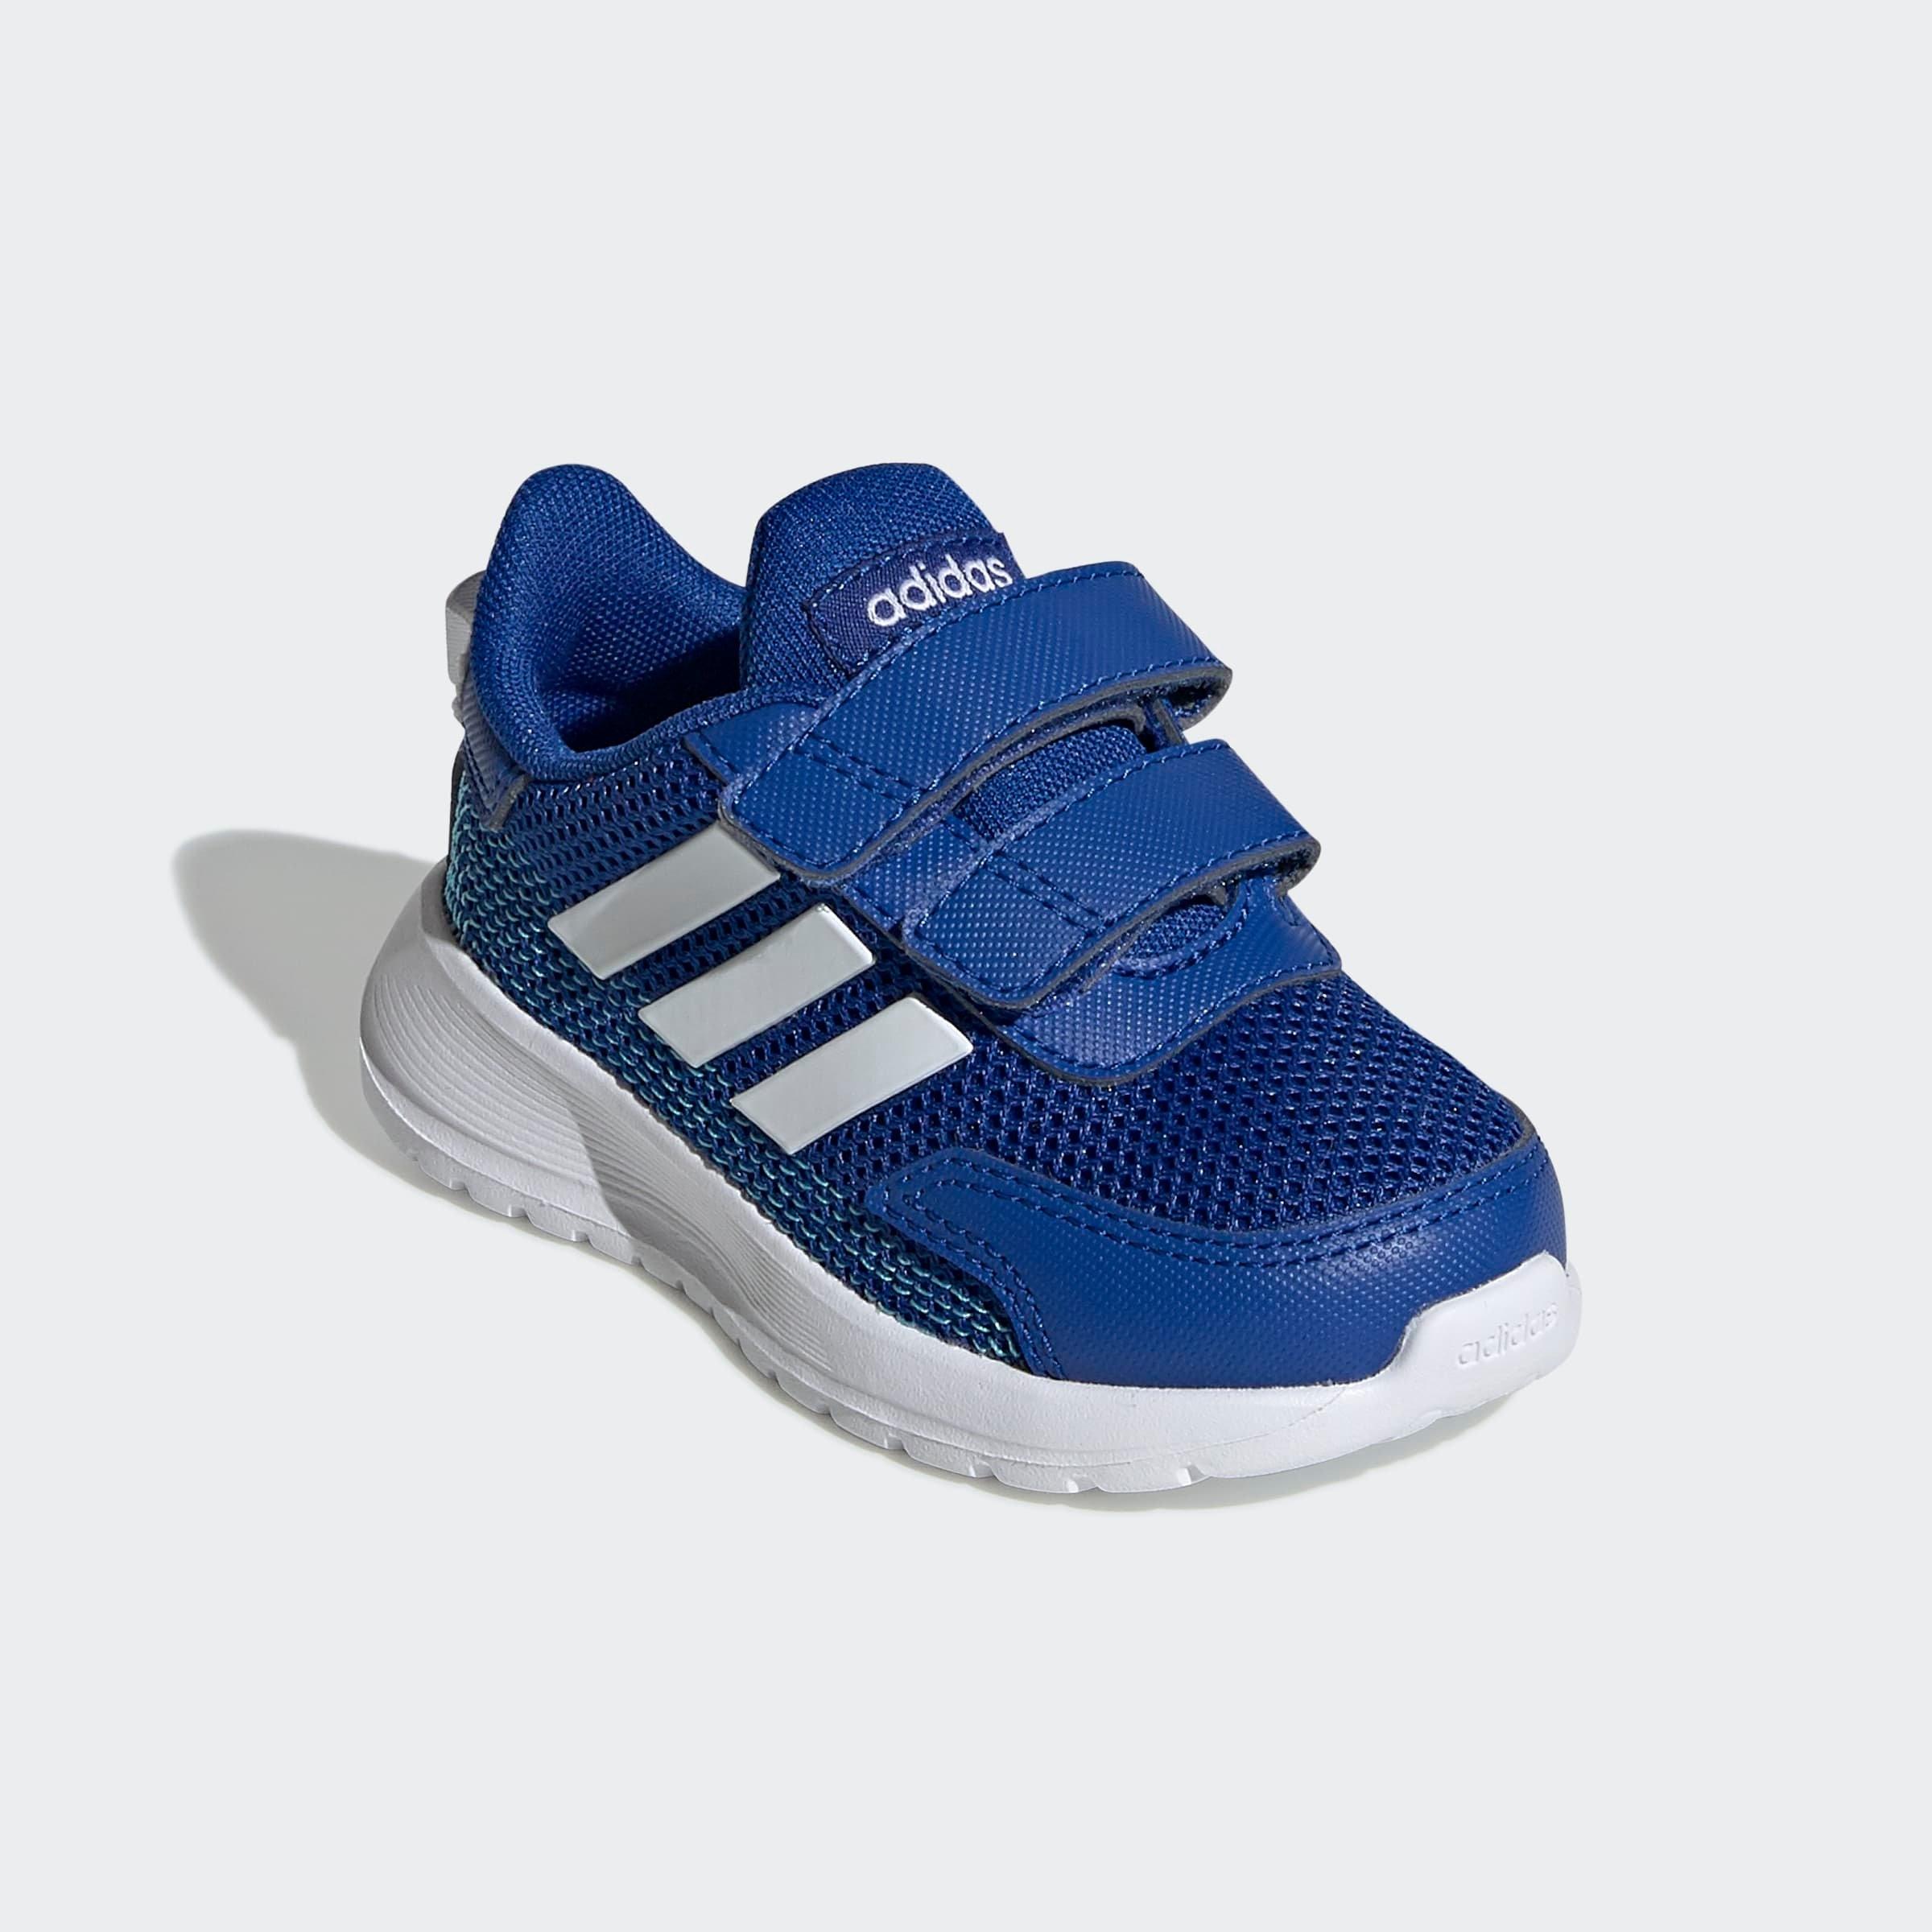 adidas Performance runningschoenen TENSOR goedkoop op otto.nl kopen